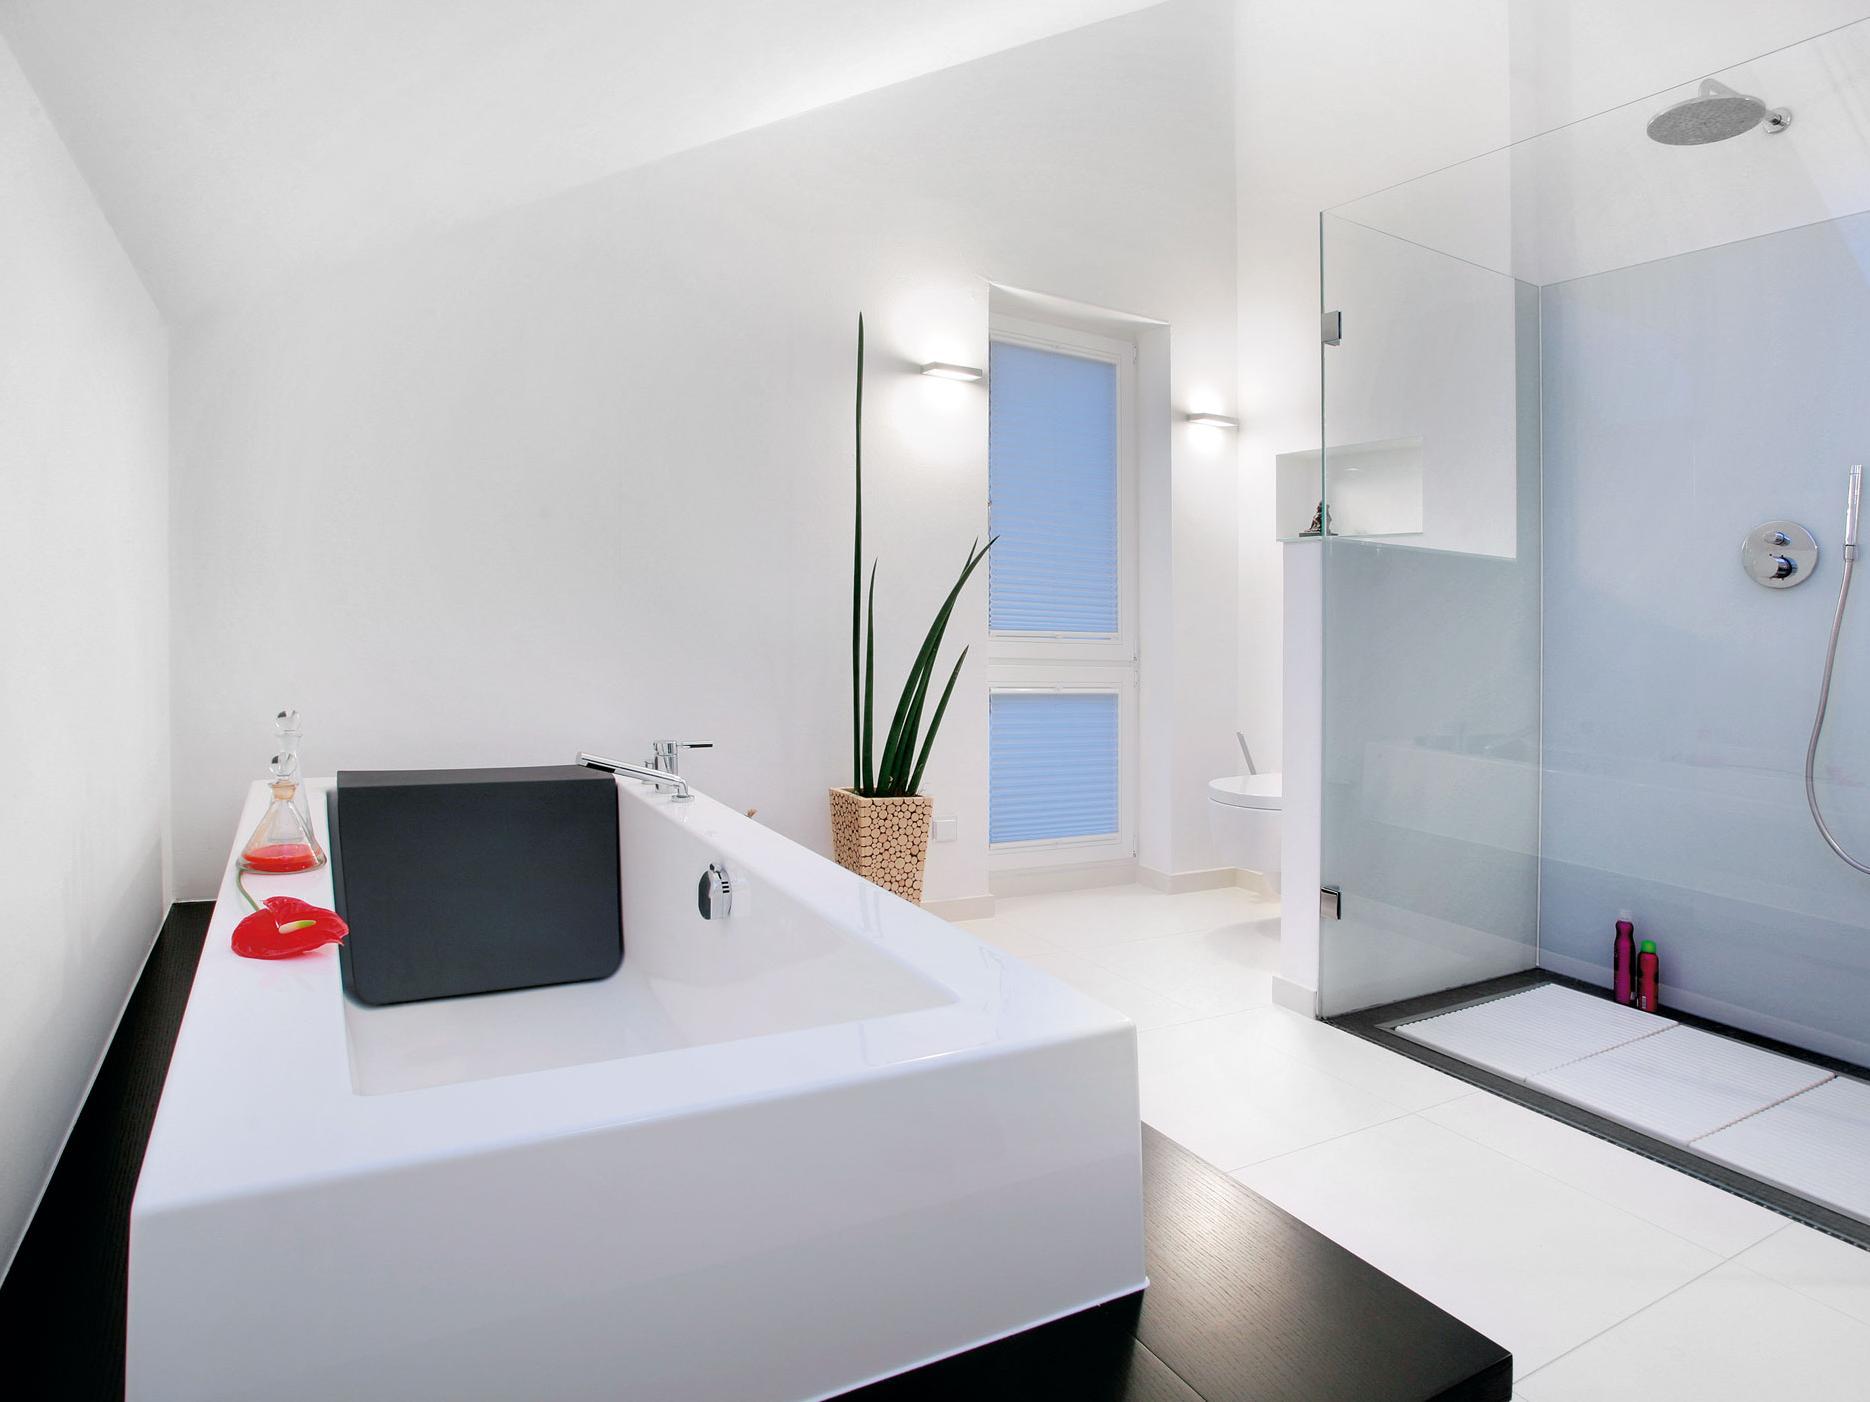 Vasca Da Bagno Sinonimo : Il bagno sinonimo di benessere e relax